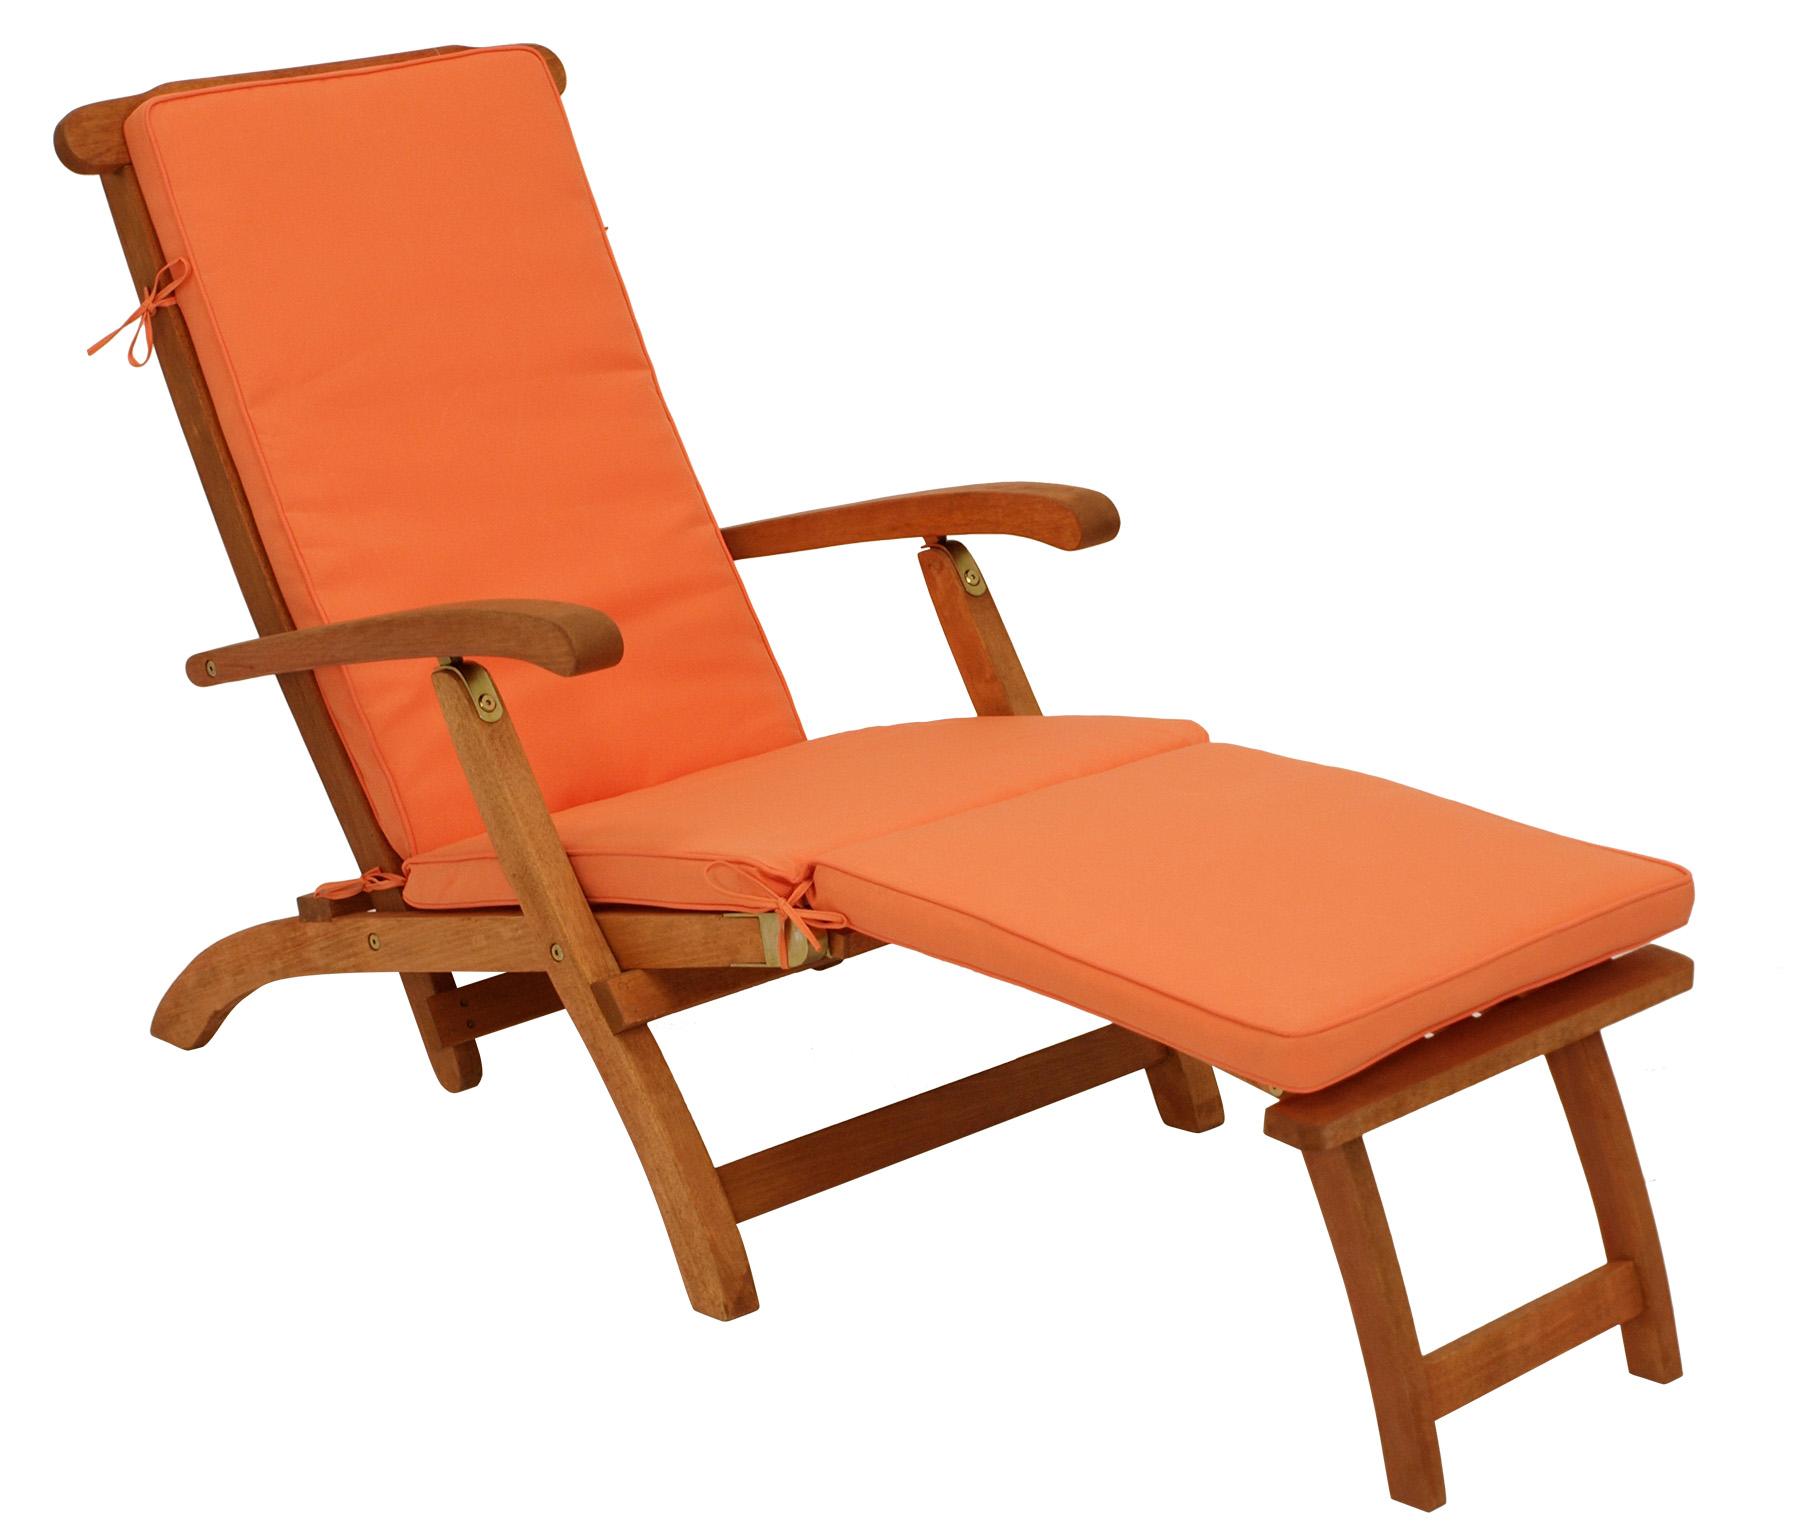 Auflage DENVER für Deckchair, terracottafarben